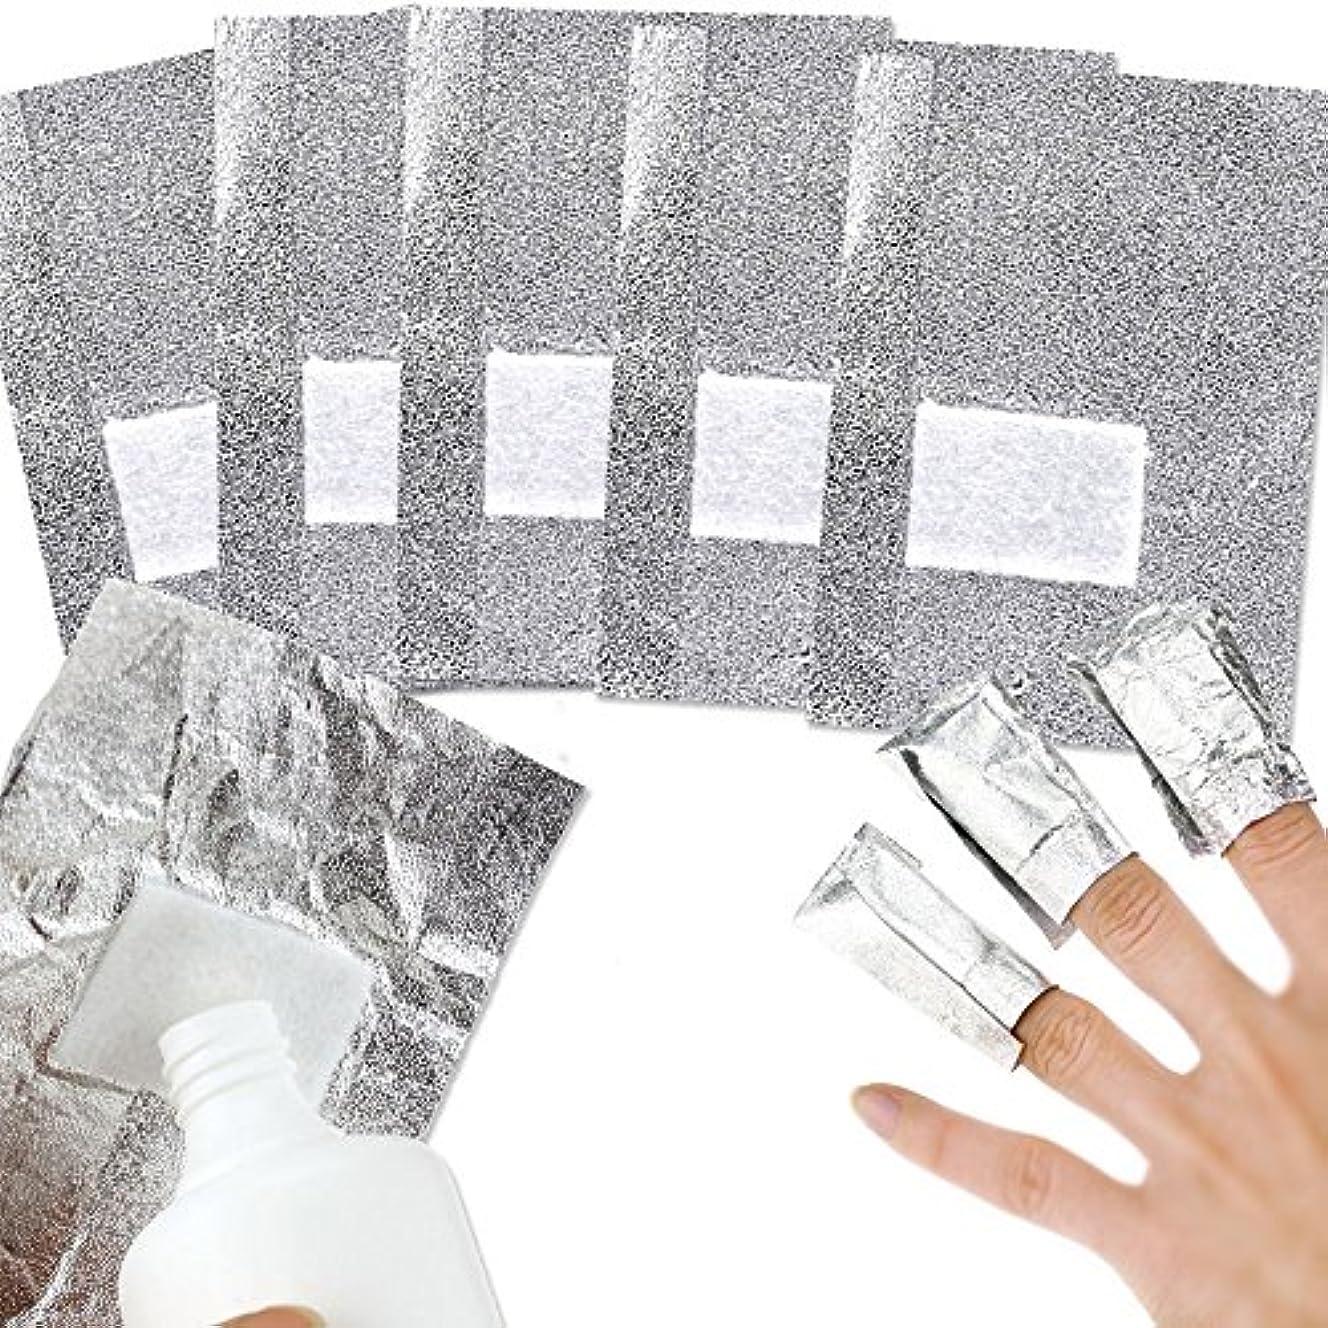 火山学者広告フィルタUVジェル リムーバーパッド 100枚入り ネイルポリッシュをきれいにオフする コットン付きアルミホイル ジェル除却 使い捨て 爪マニキュア用品 Pichidr